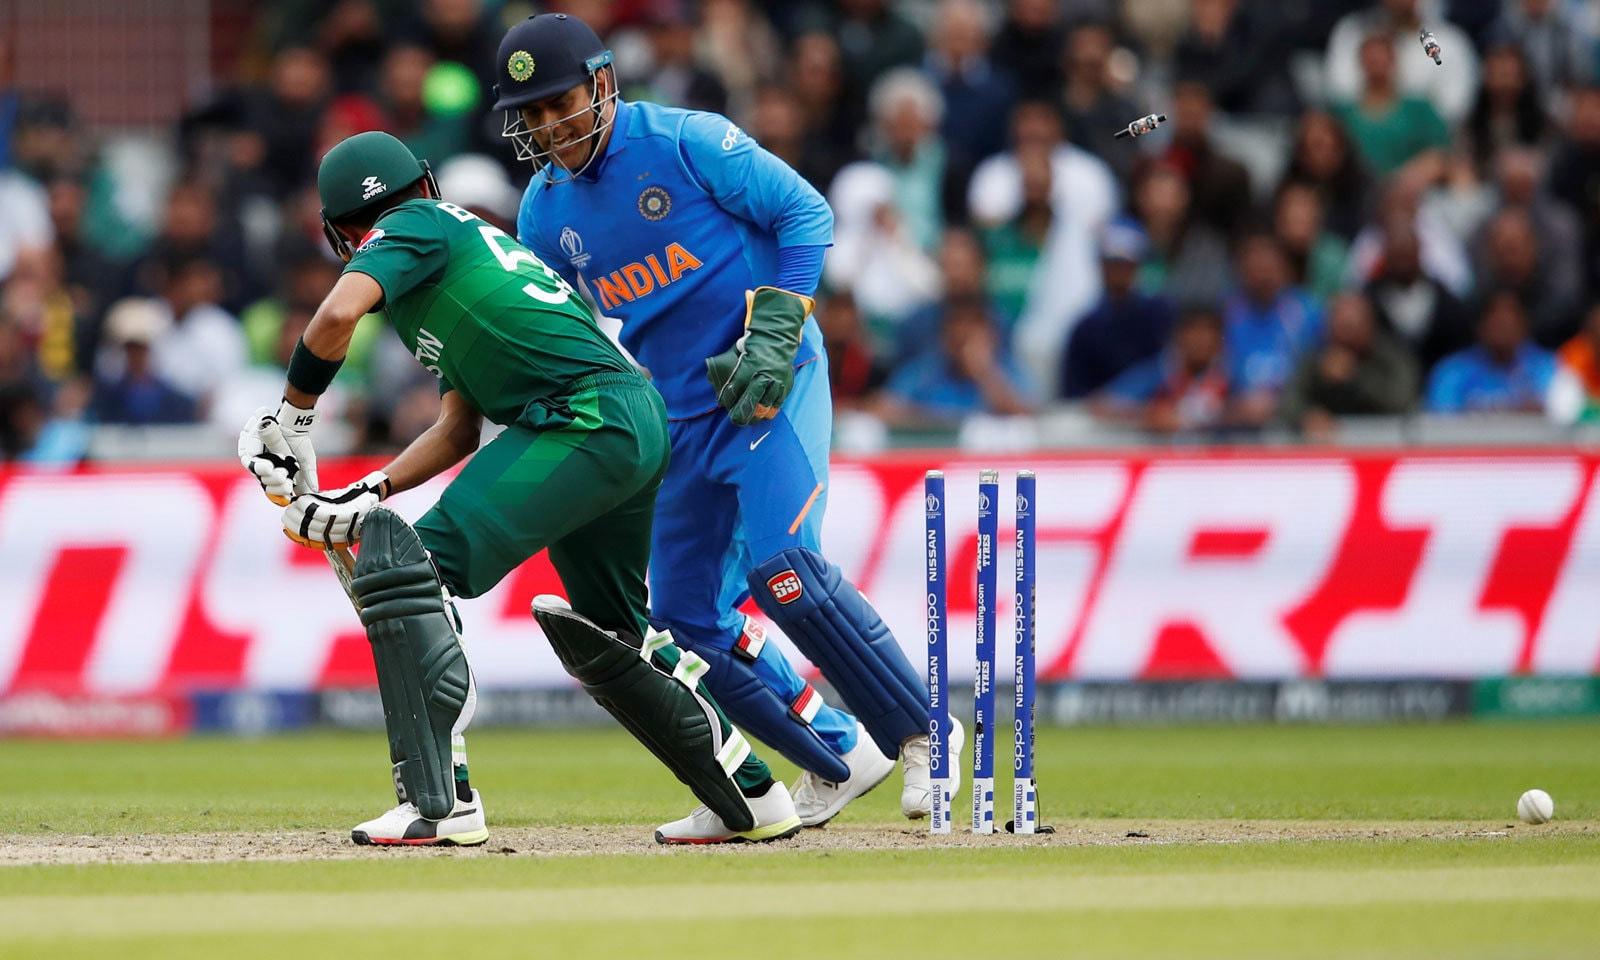 بھارت نے ورلڈ کپ میں پاکستان کو لگاتار 7ویں مرتبہ شکست دی— فوٹو: اے ایف پی